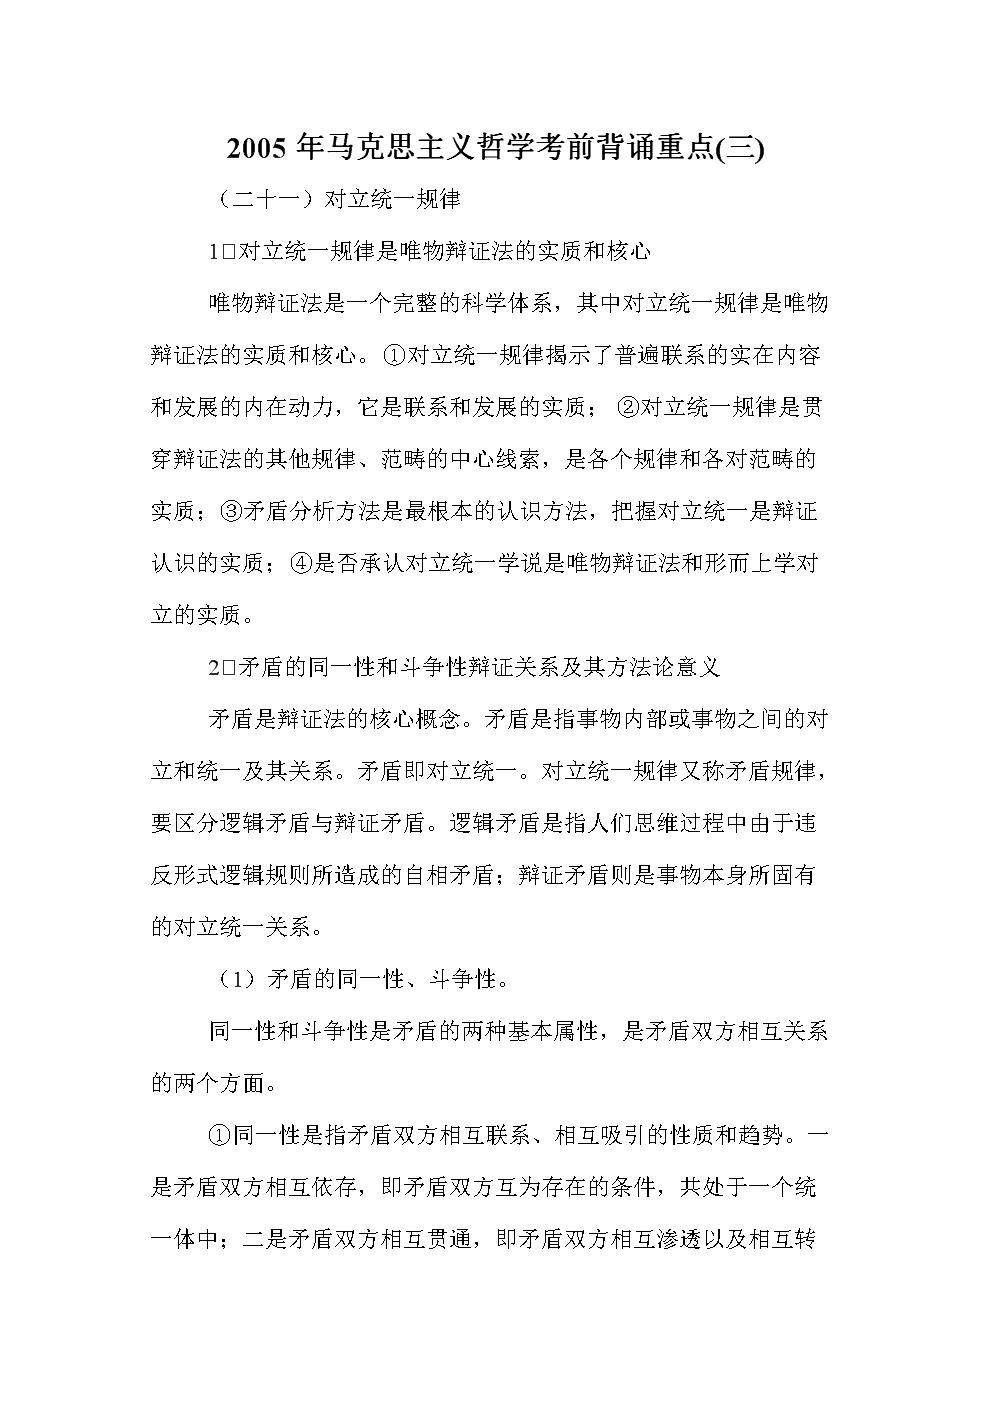 马克思主义哲学考前背诵重点(三).doc